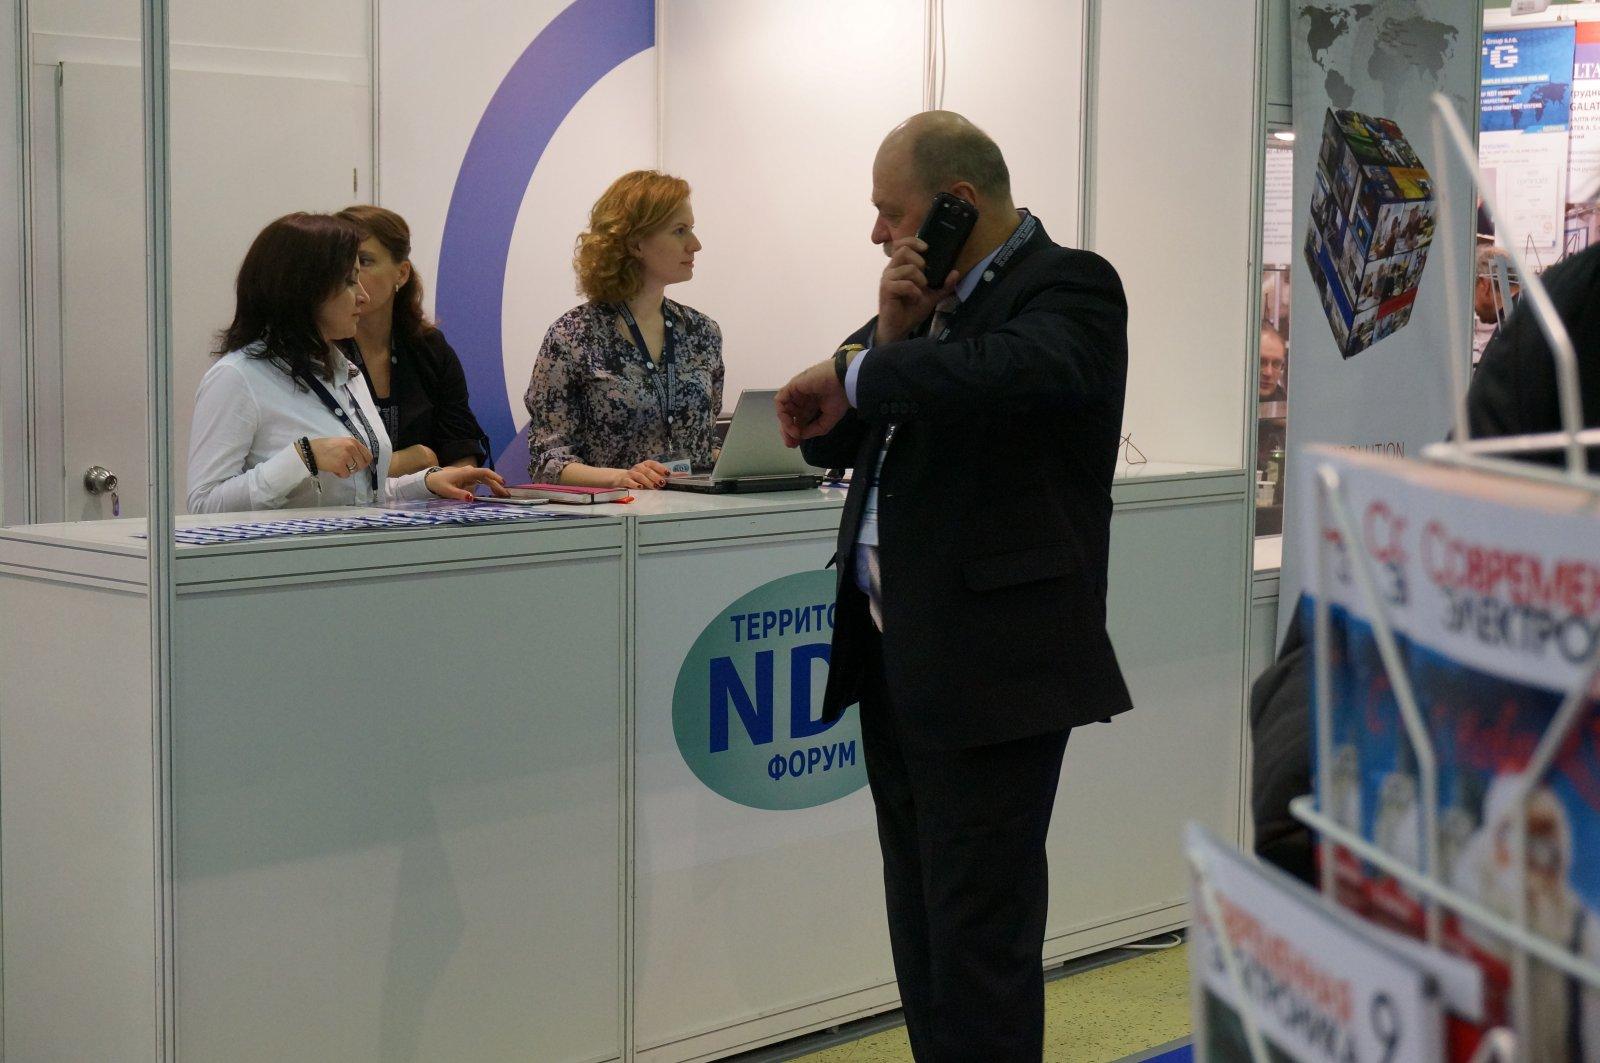 Новые даты проведения Форума «Территория NDT»